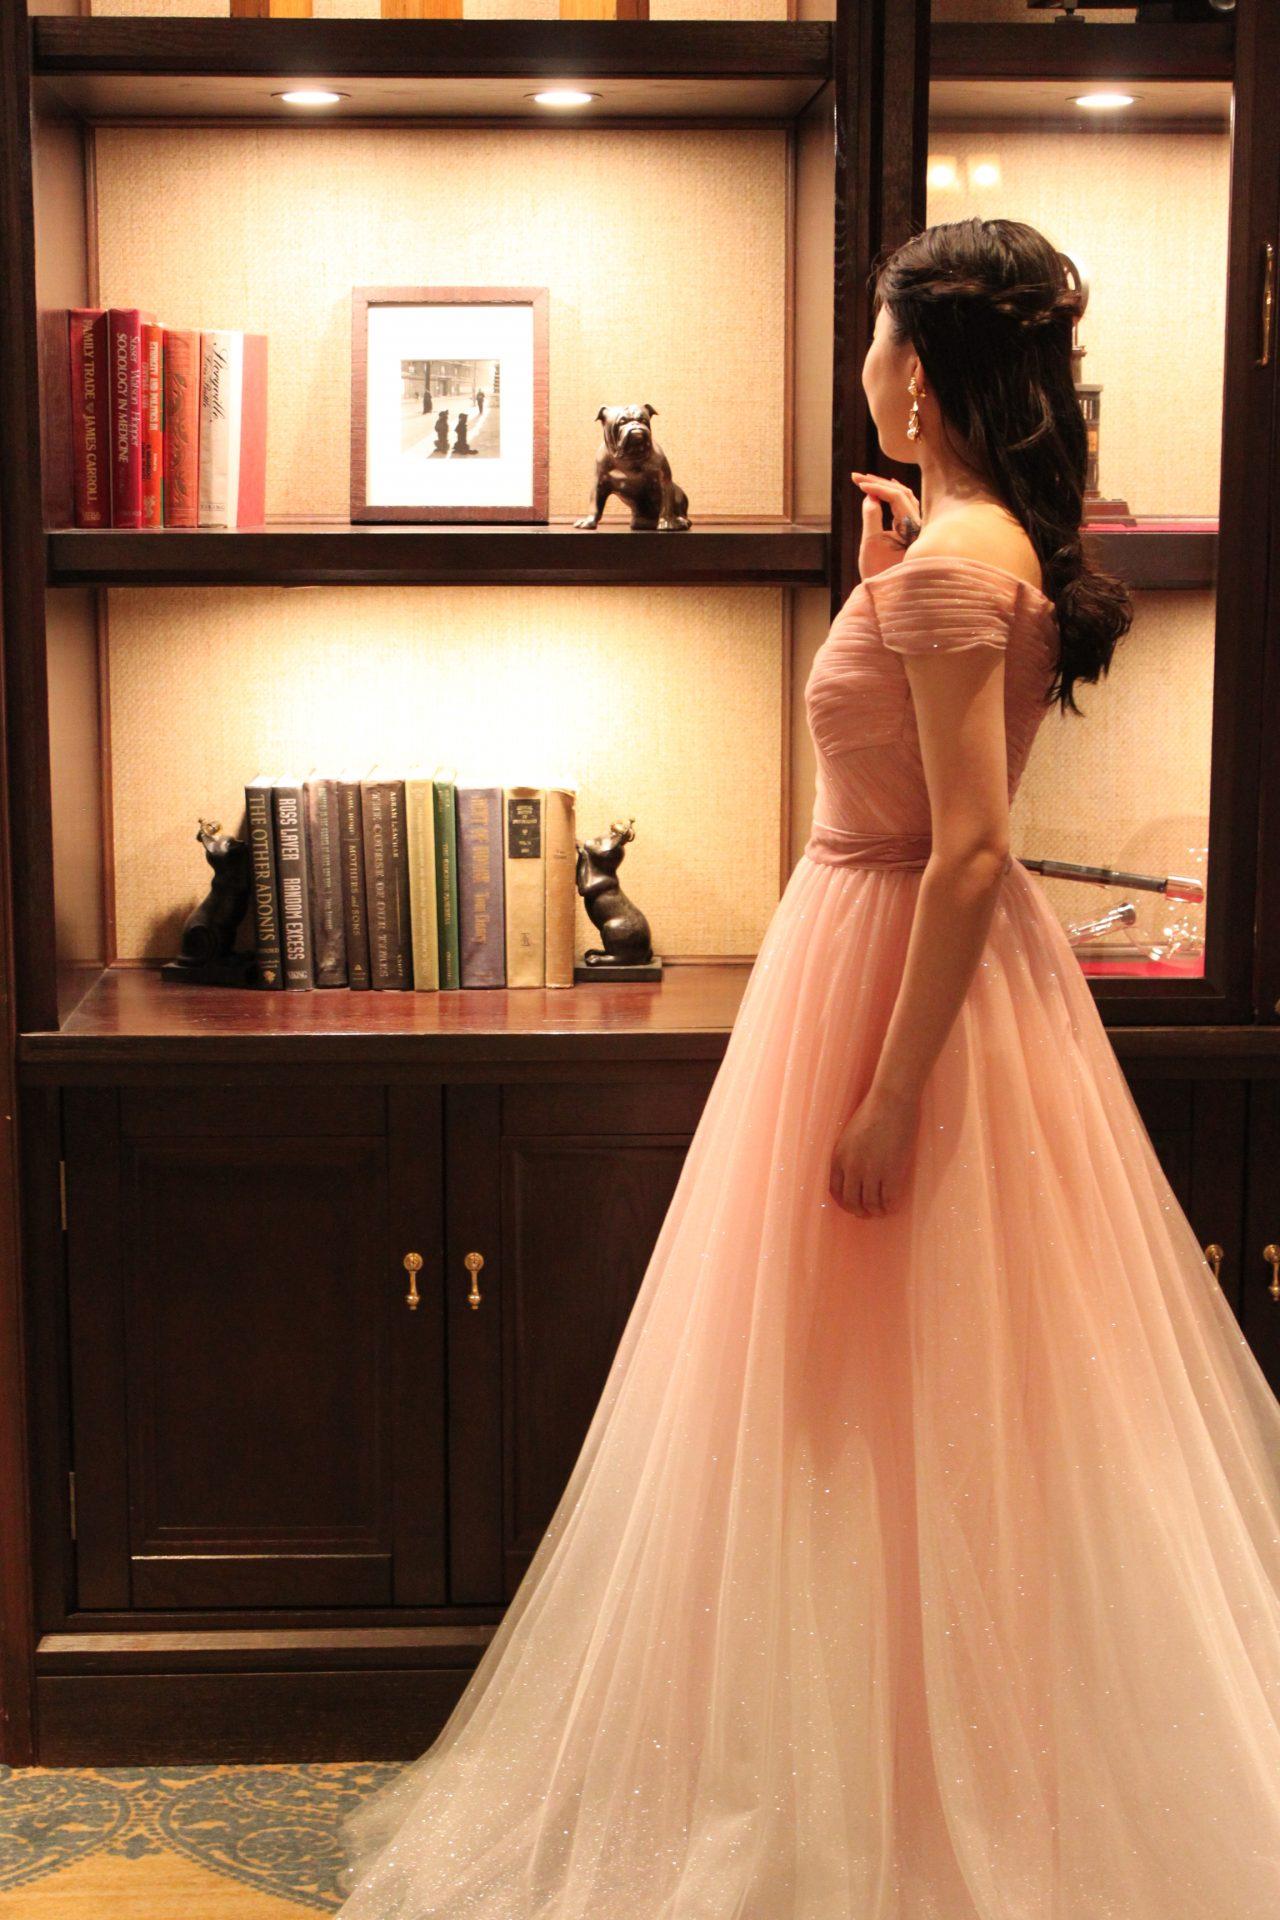 トリートドレッシングにてお取り扱いをしているジェニーパッカムのピンクカラードレスには大人フェミニンな花嫁を想像されている方にピッタリ